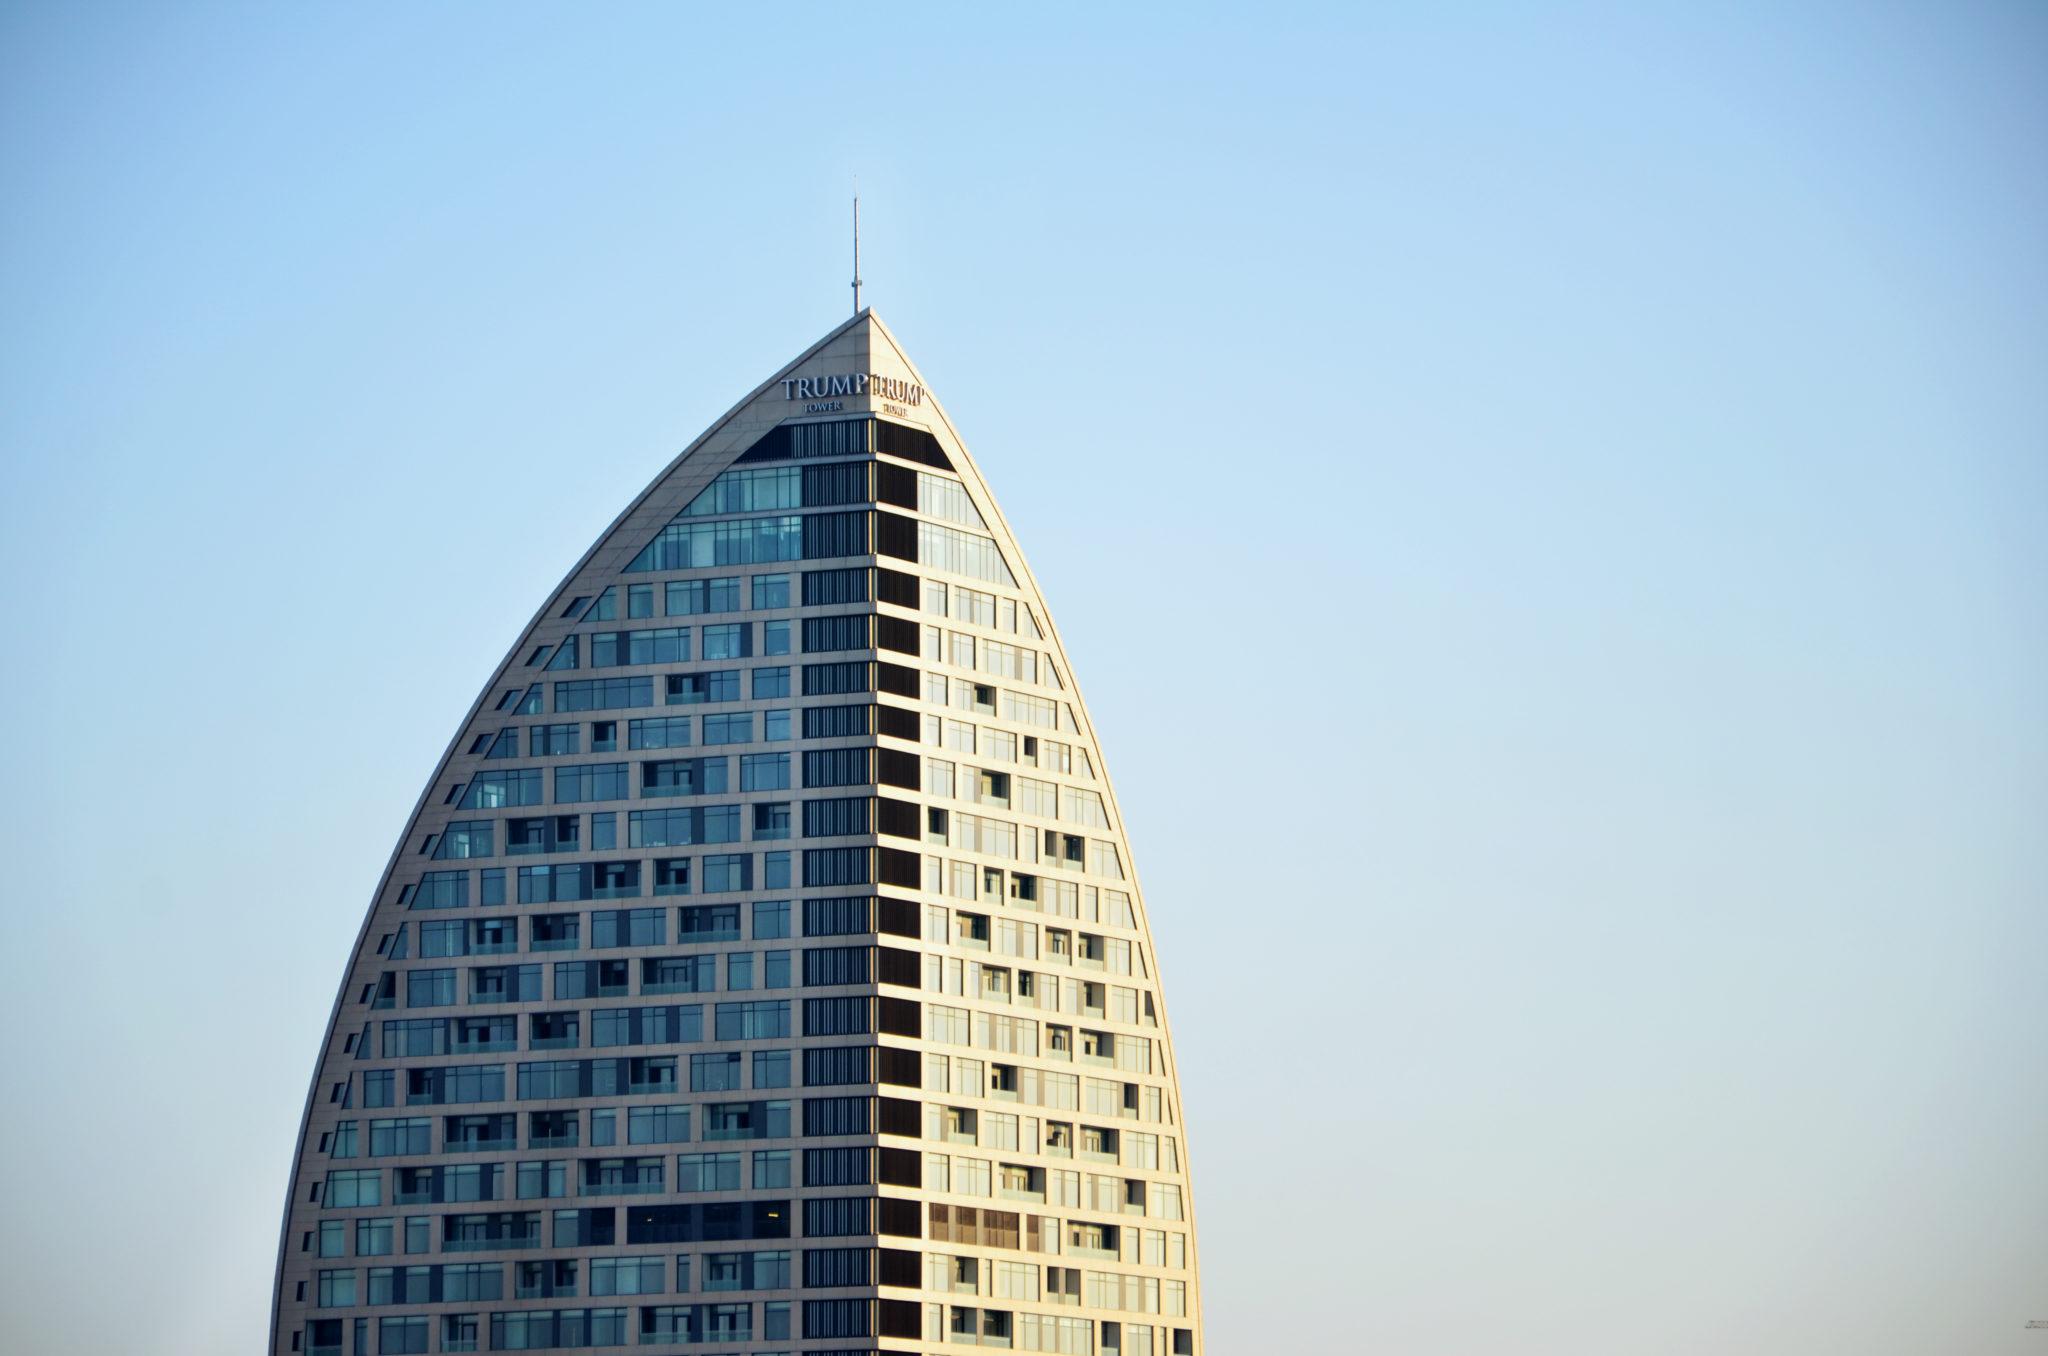 Must-See auf Aserbaidschan Reisen: Der Trump Tower Baku